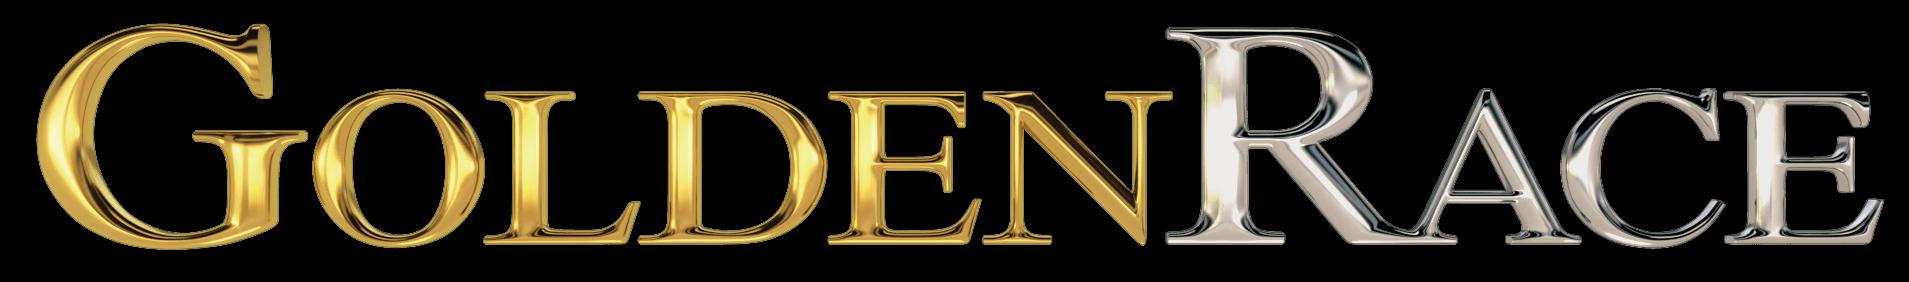 Golden Race Casino Software